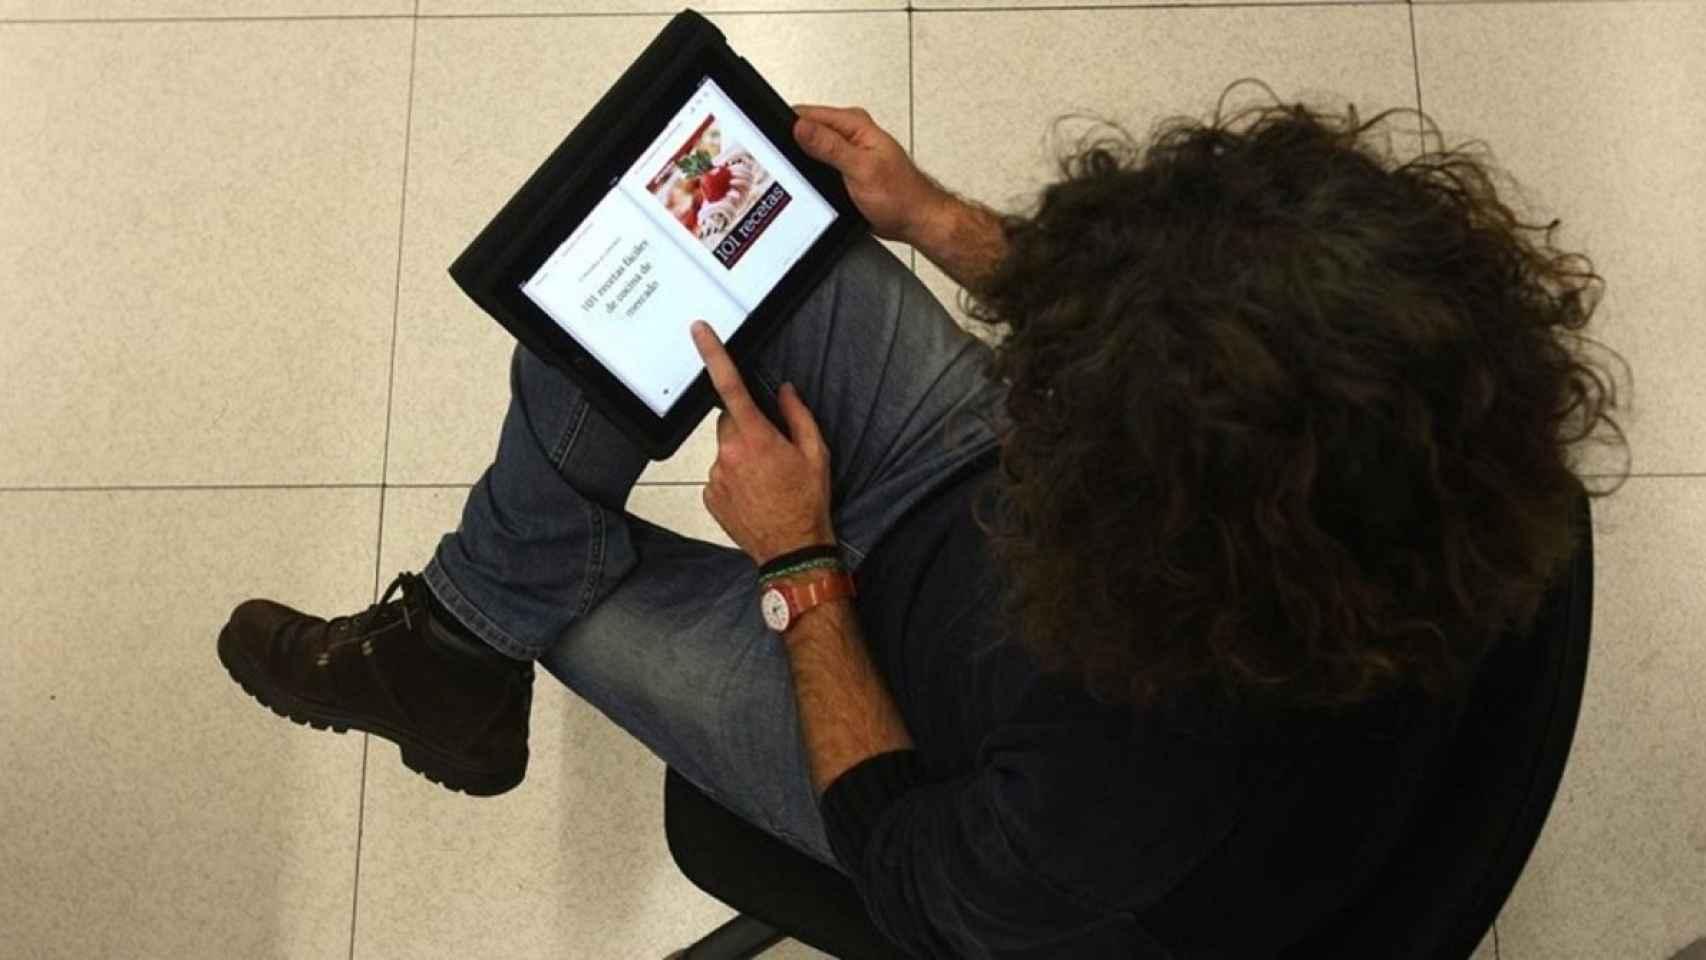 ¿En qué países europeos apuestan las empresas más por la venta online?